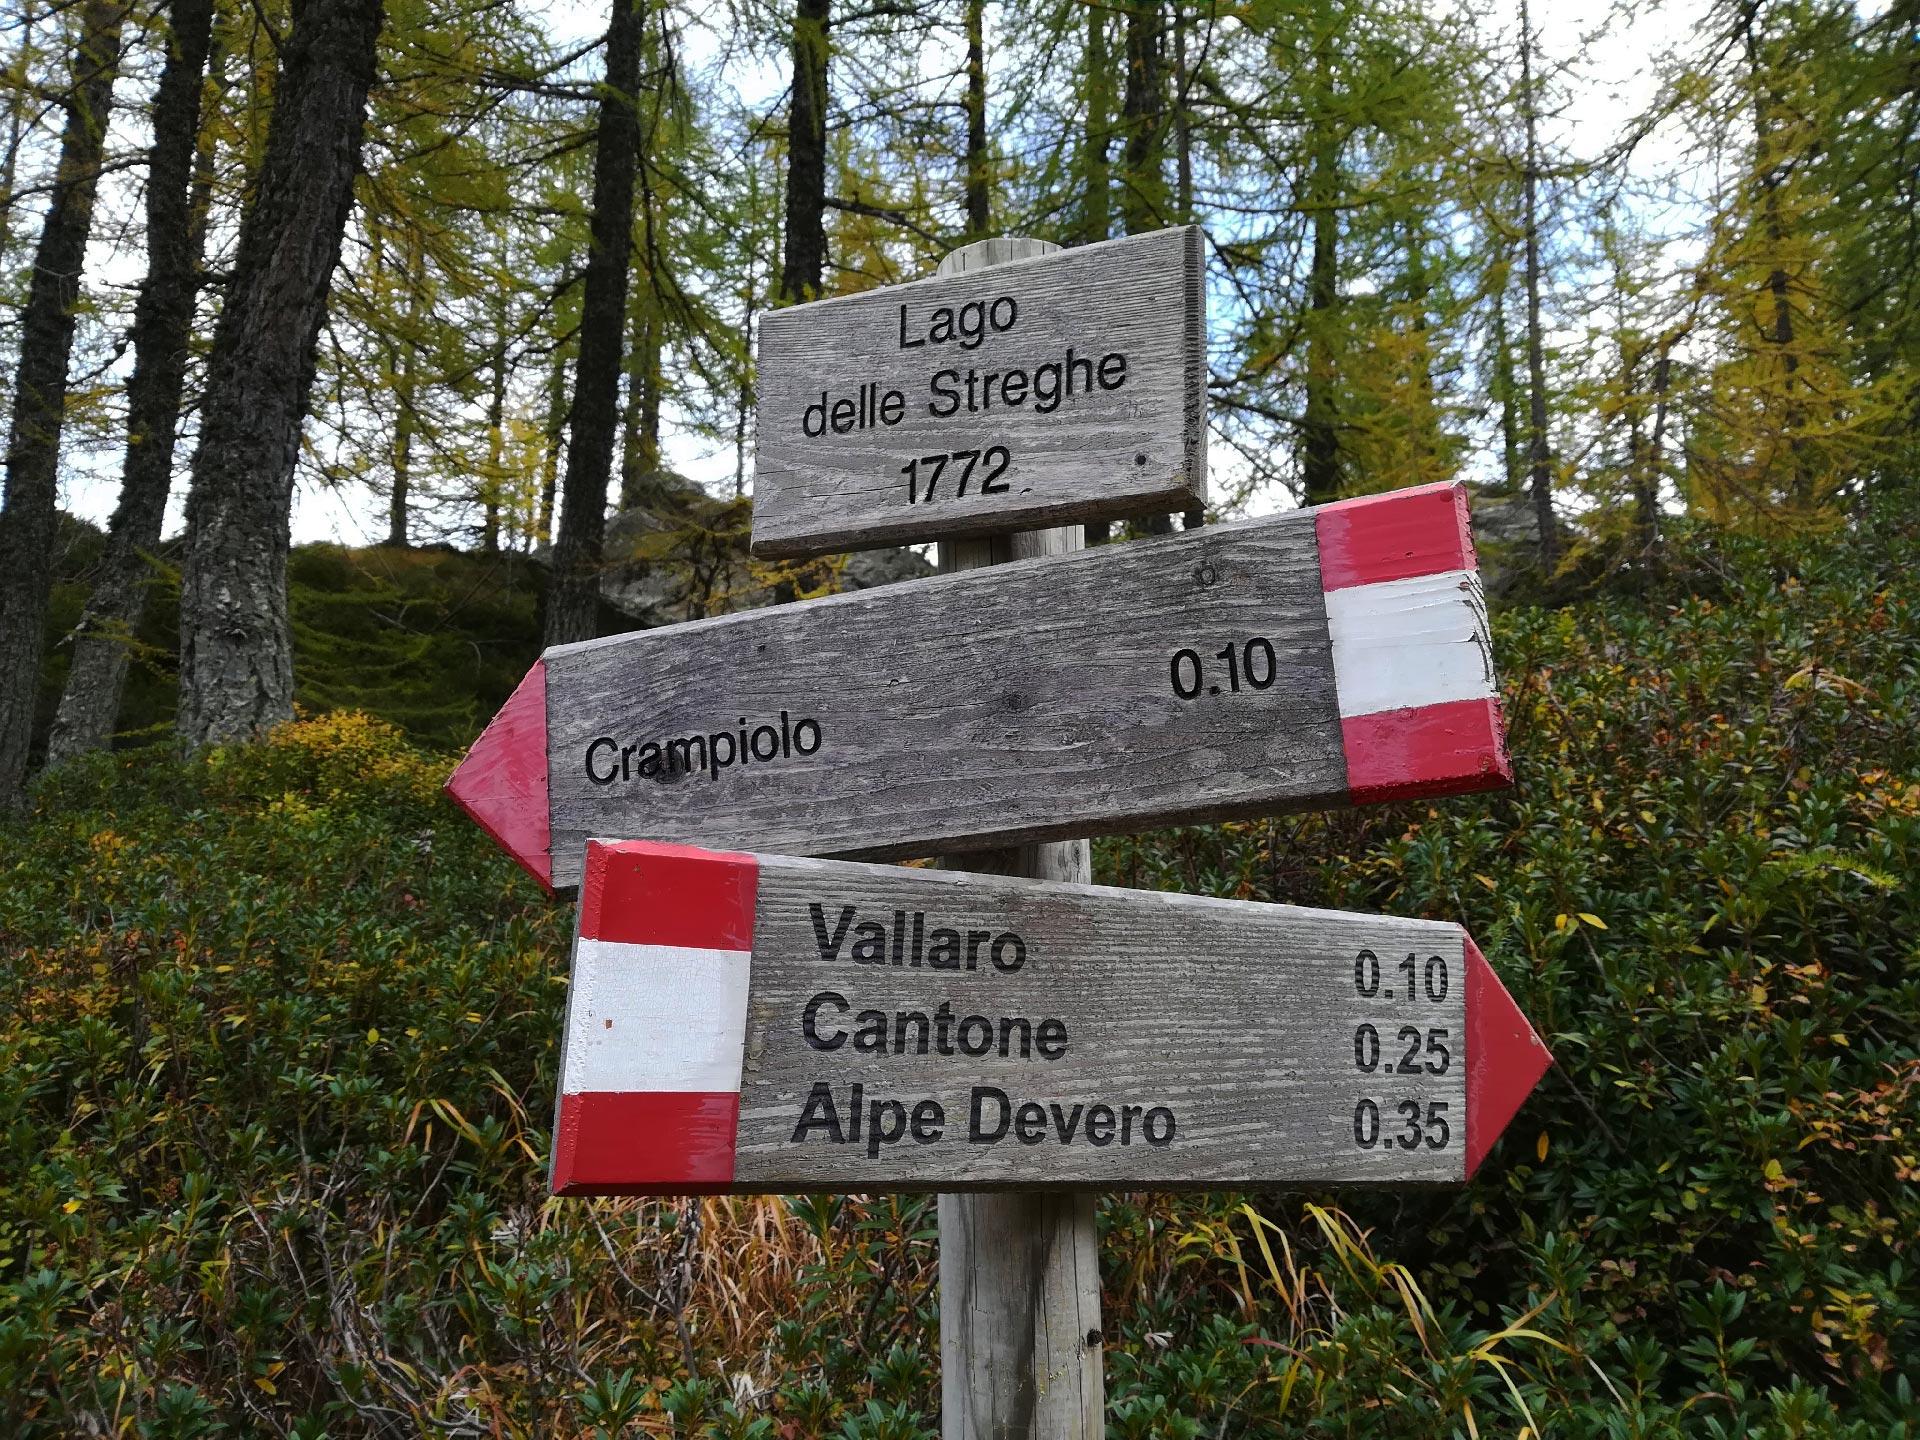 lago delle Streghe, indicazioni, Verbania, Piemonte